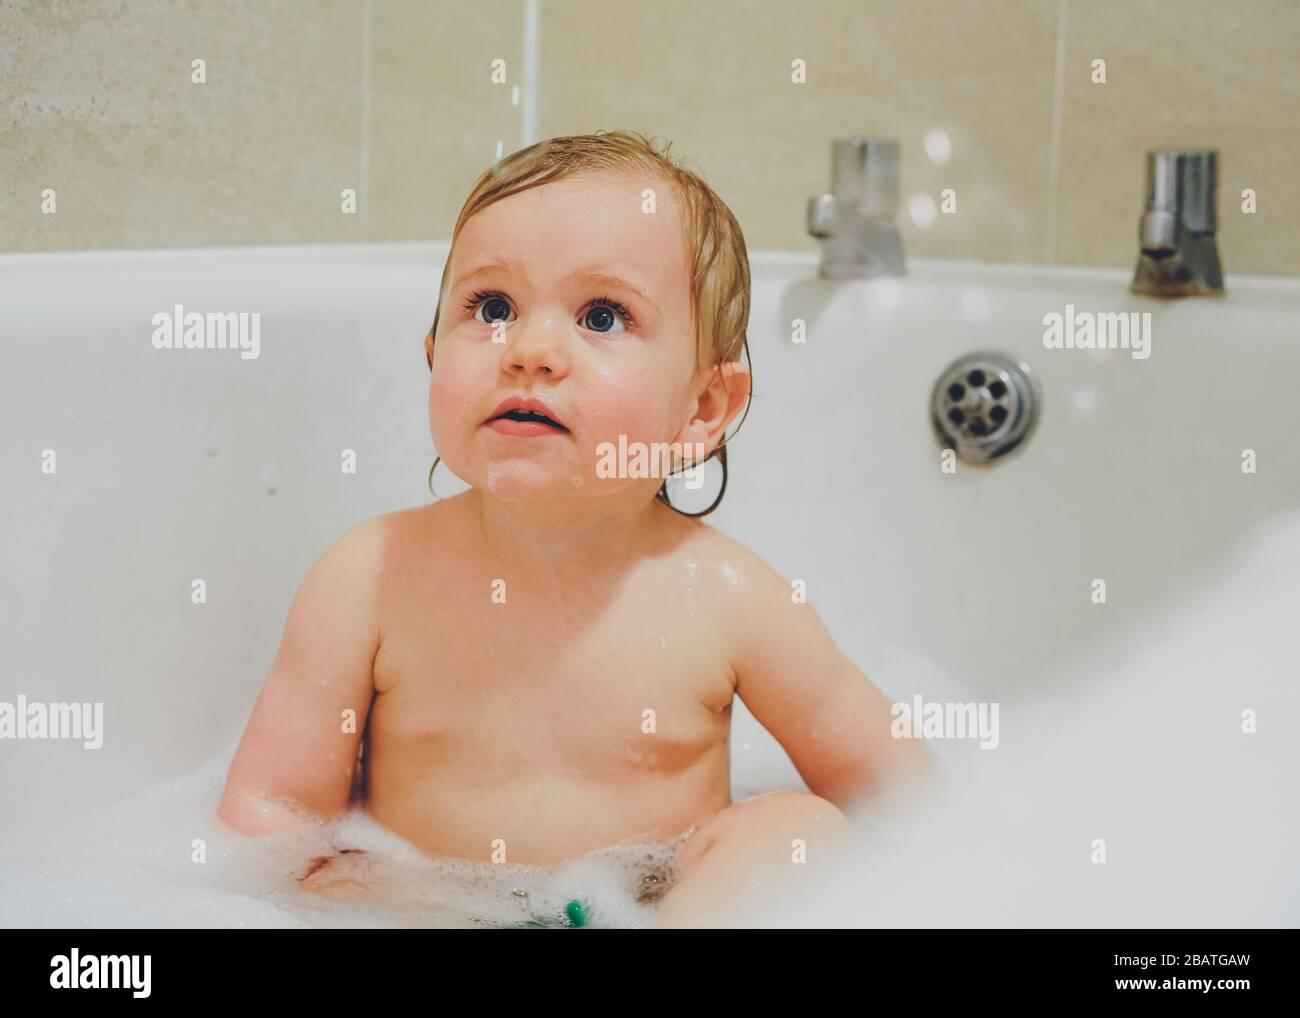 Kleiner Junge, der im Bad mit Blasen spielt Stockfoto